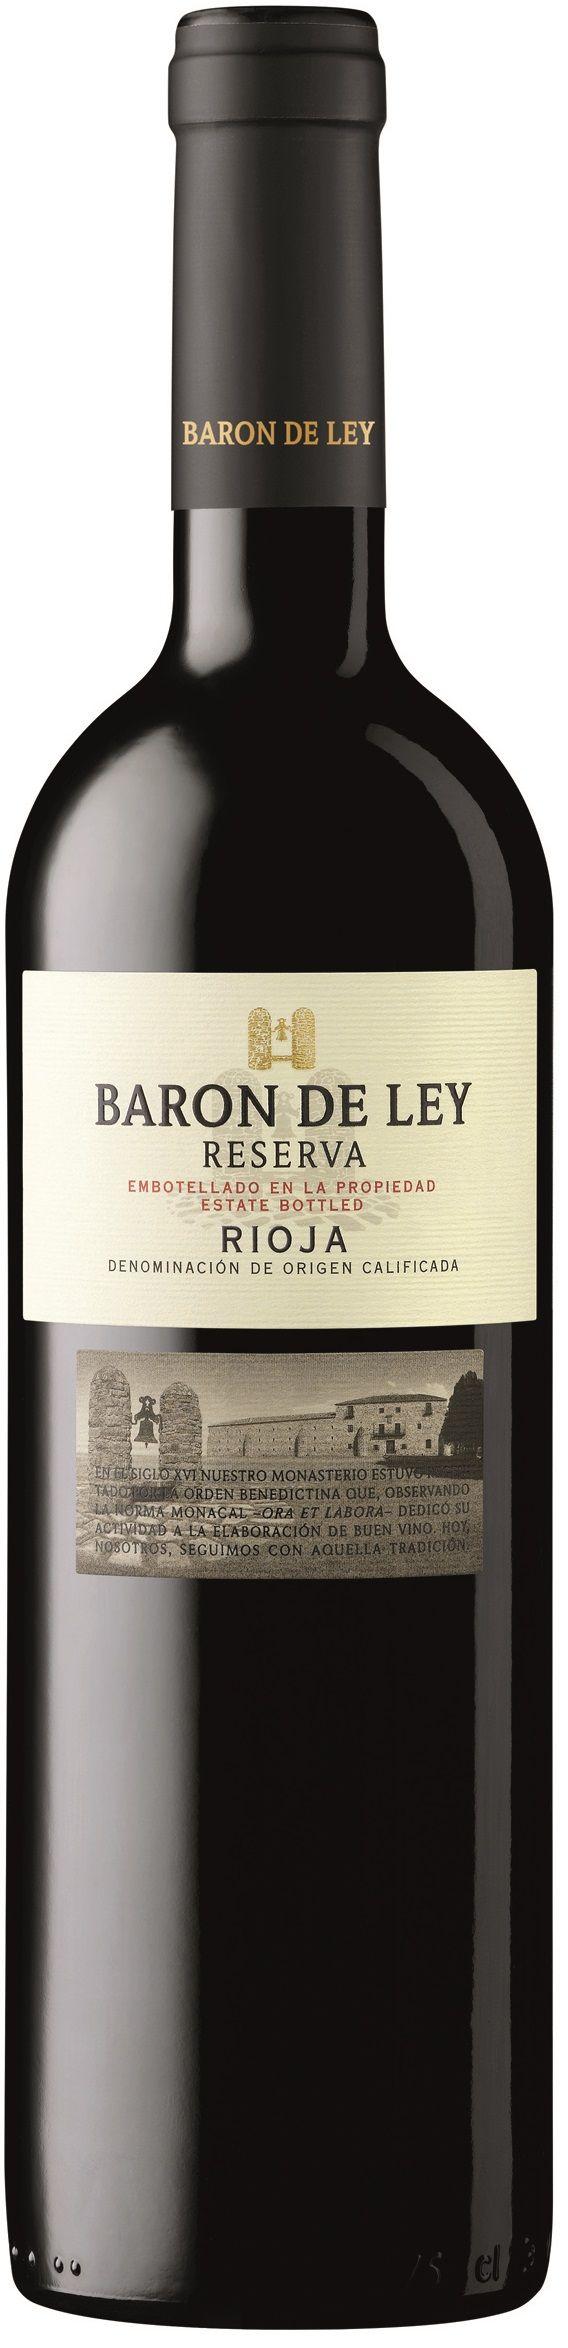 """""""Reserva"""" Tempranillo 2012 - Bodegas Barón de Ley, Mendavia, Navarra, España-------------Terroir: Rioja Baja (Rioja DOCa)------------Crianza: 20 meses en barricas nuevas de roble americano"""